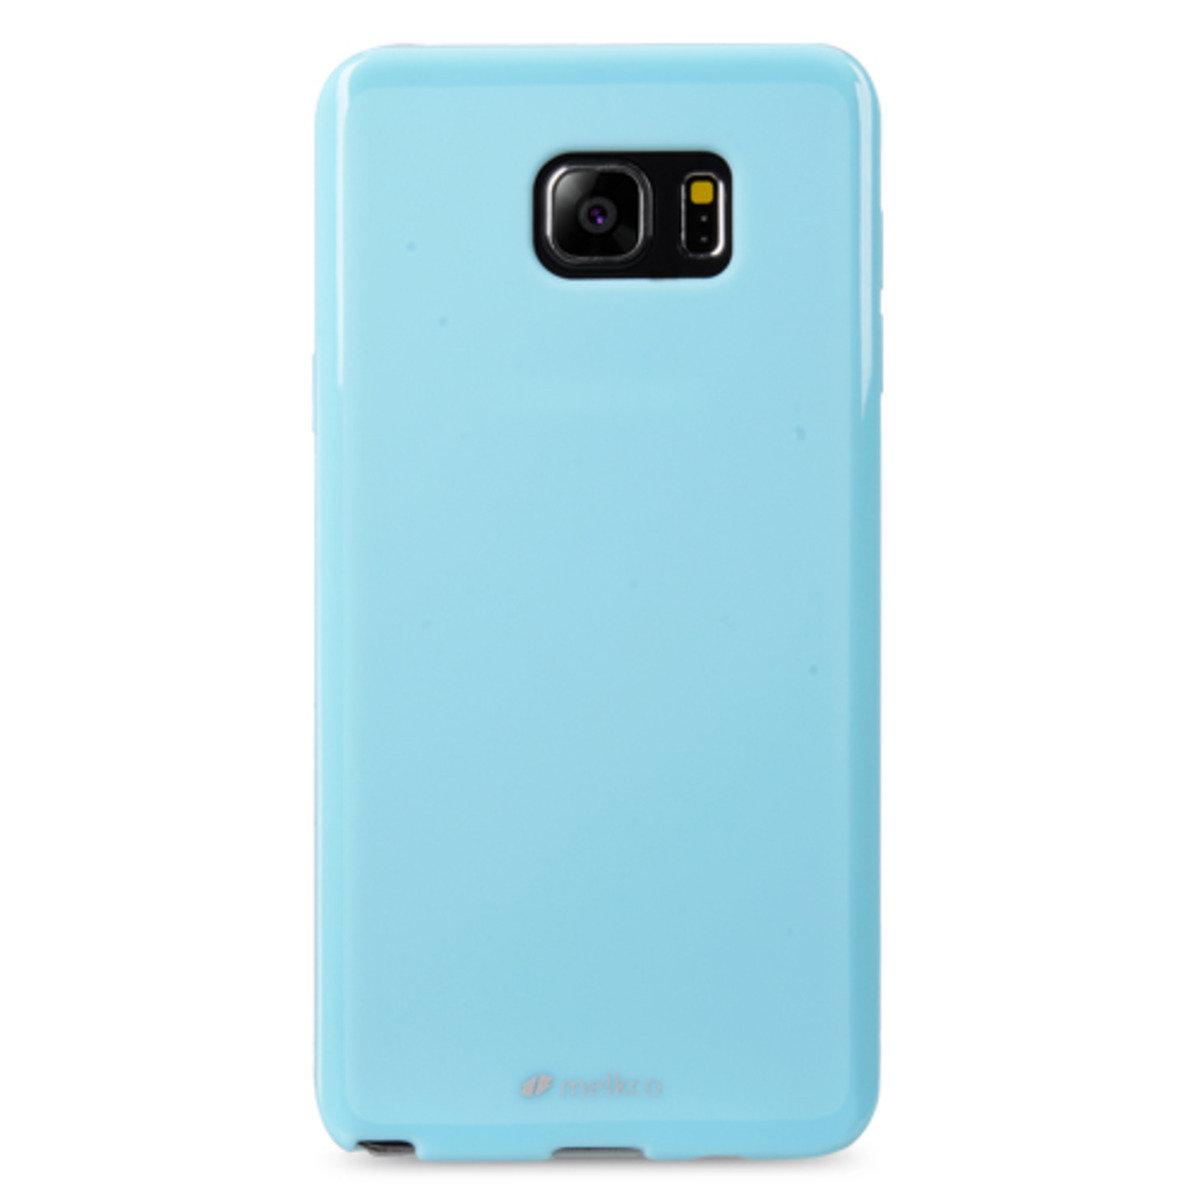 Galaxy Note 5 Poly Jacket手機保護殼 - 珍珠藍色(附送屏幕保護貼)